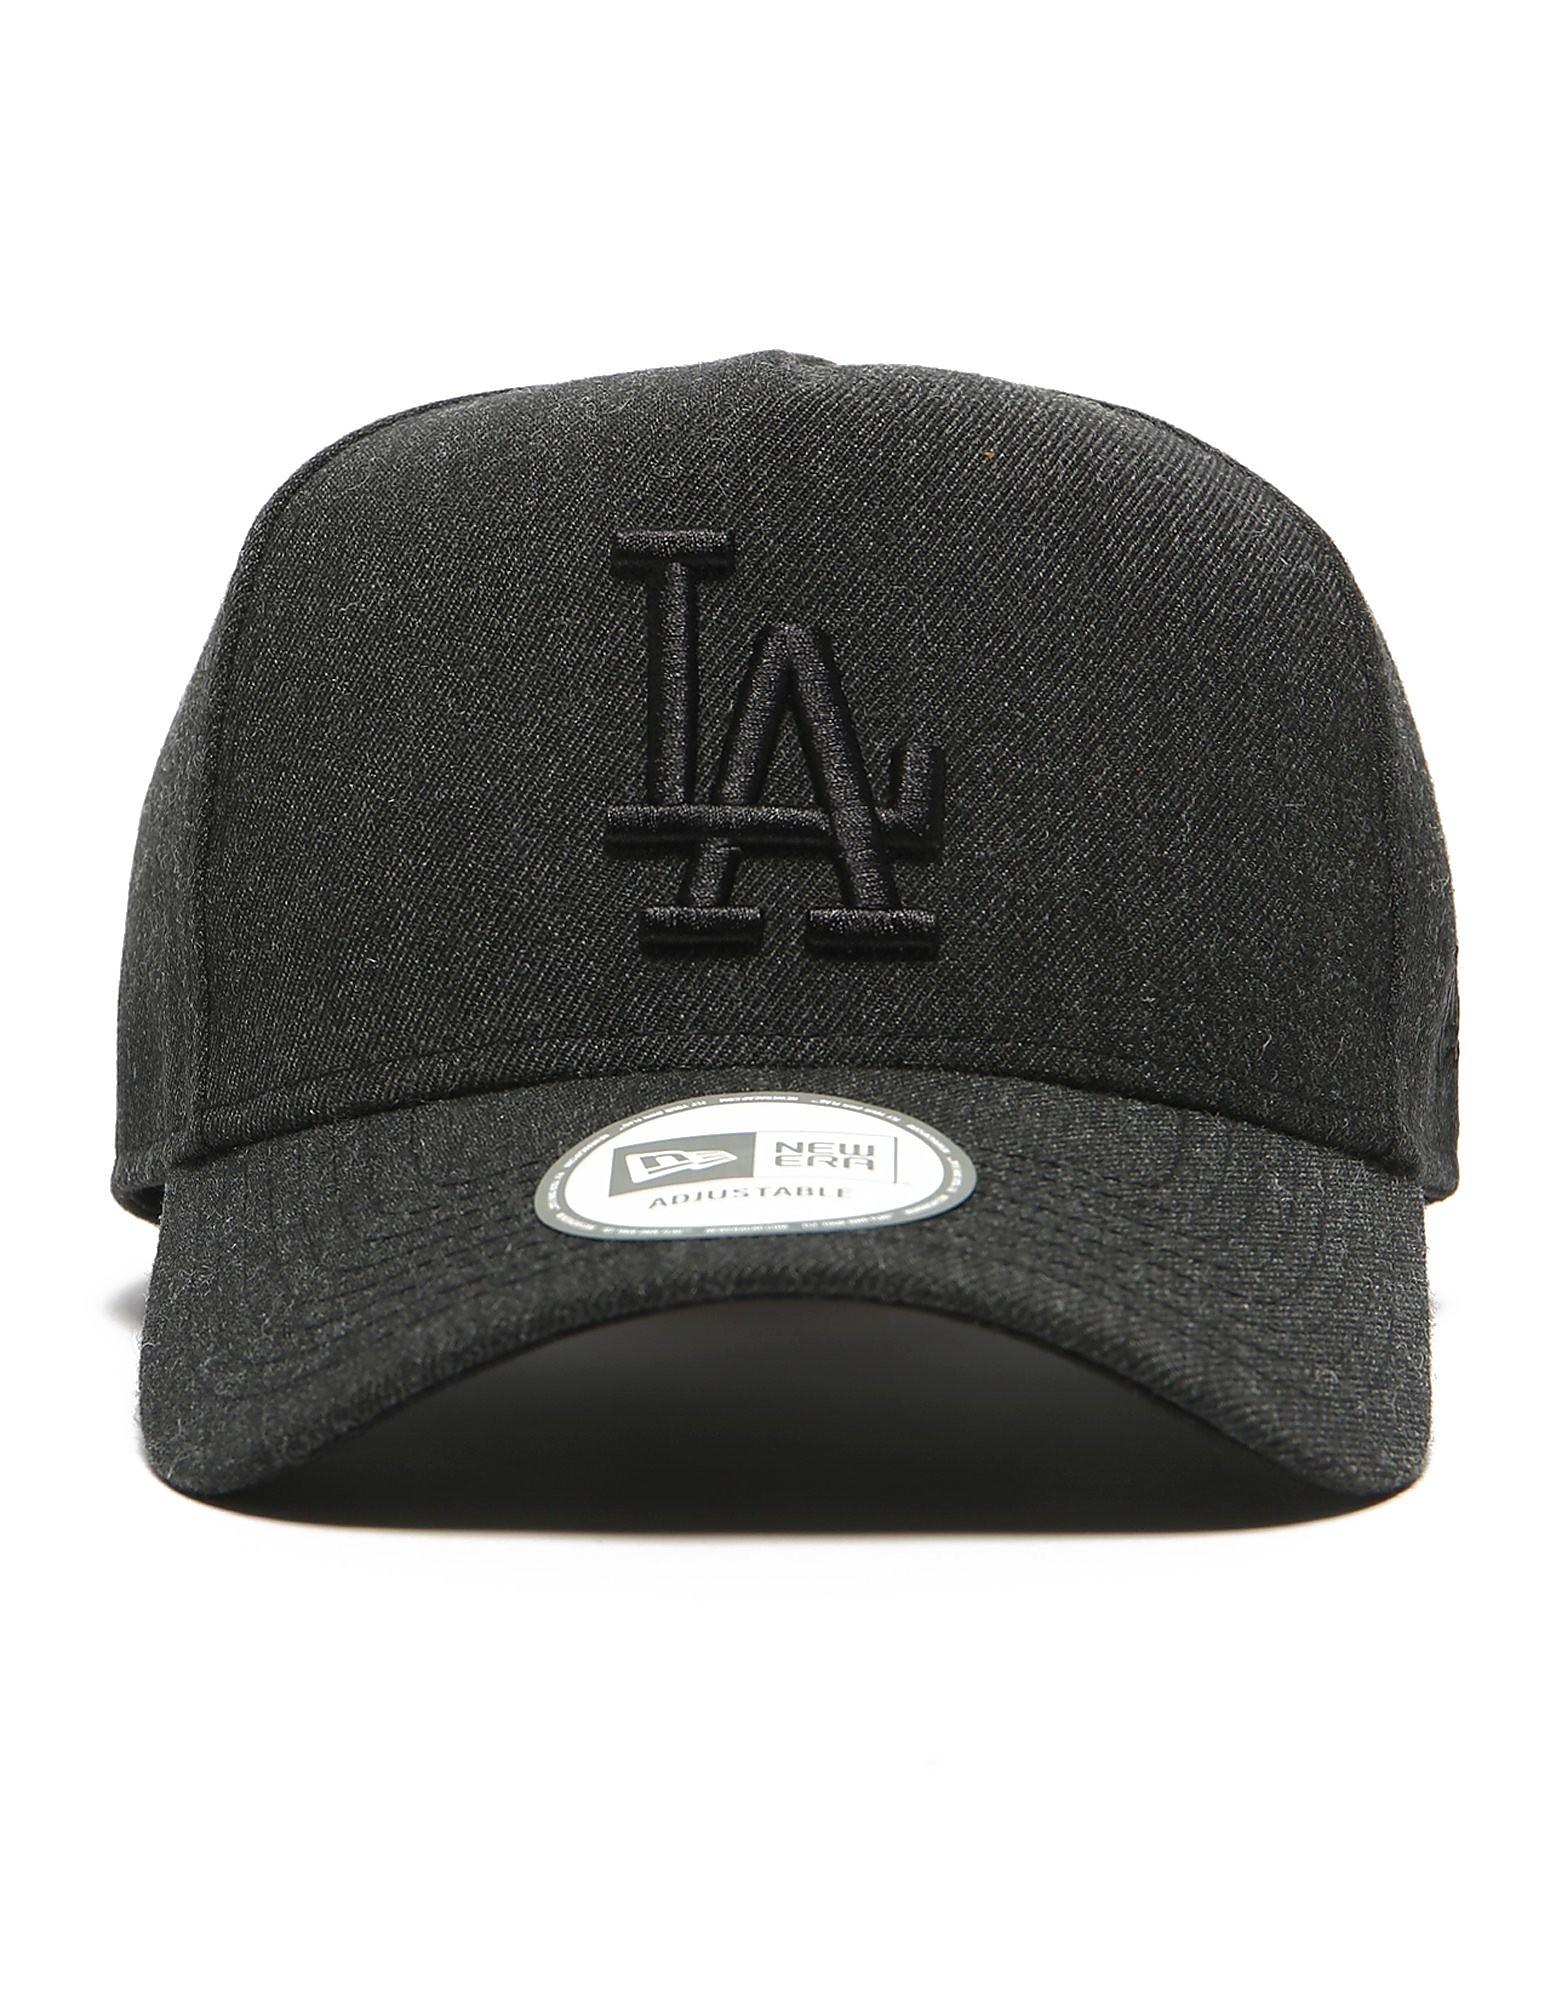 New Era MLB Los Angeles Dodgers Cap